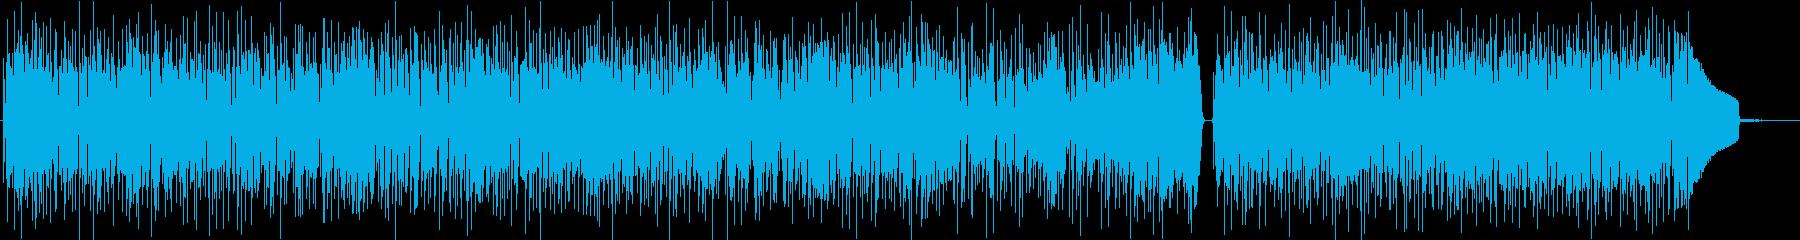 疾走感ある超絶技巧風ベーススラップBGMの再生済みの波形